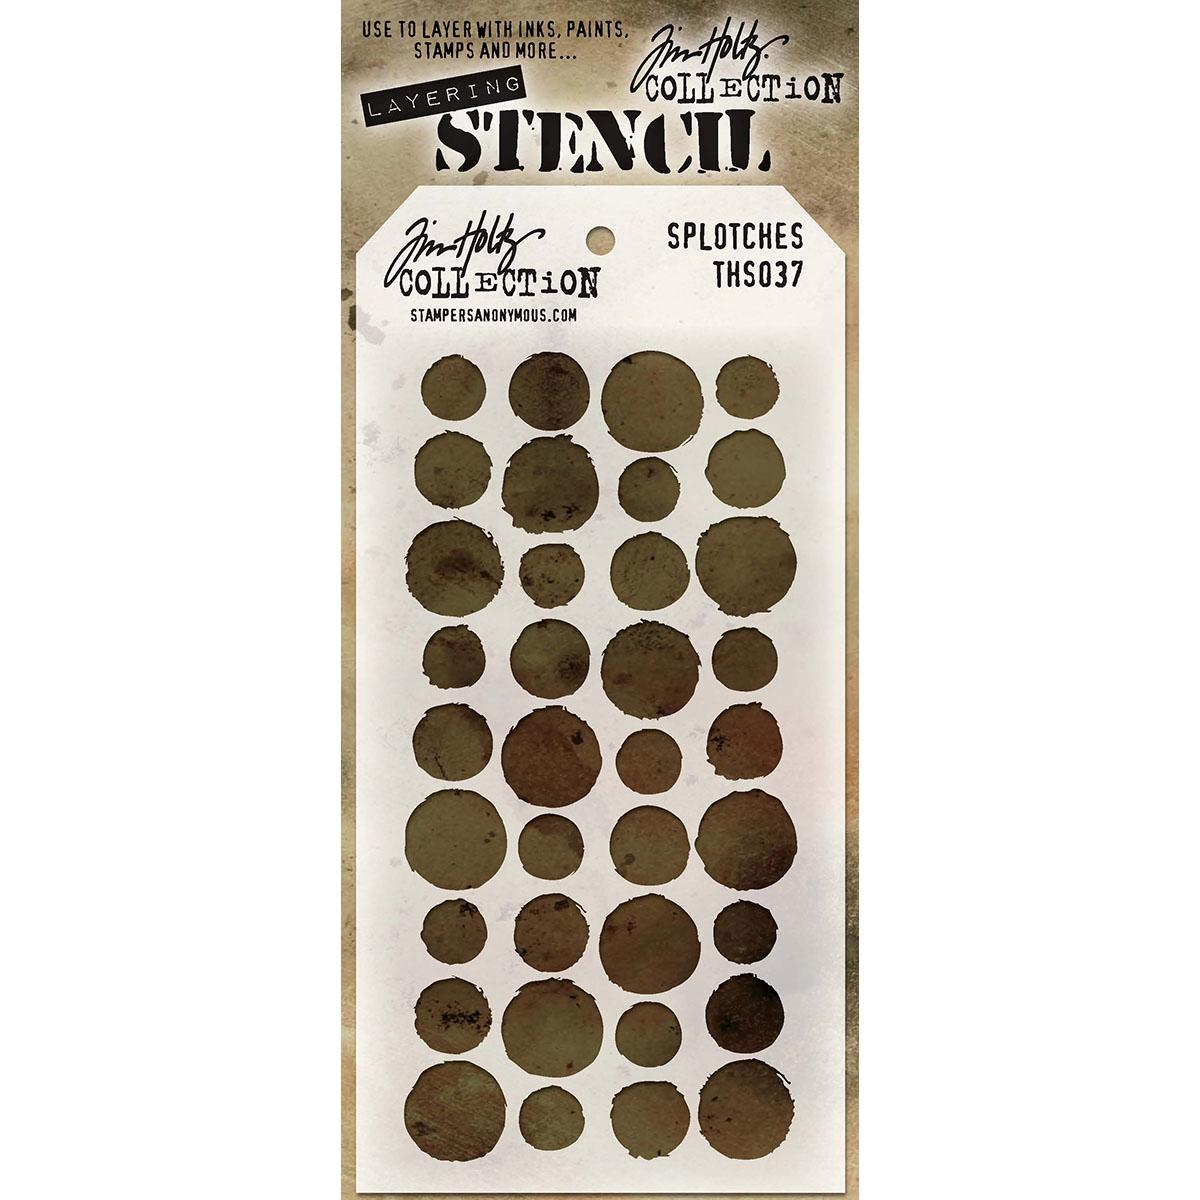 Tim Holtz Layered Stencil 4.125X8.5-Splotches